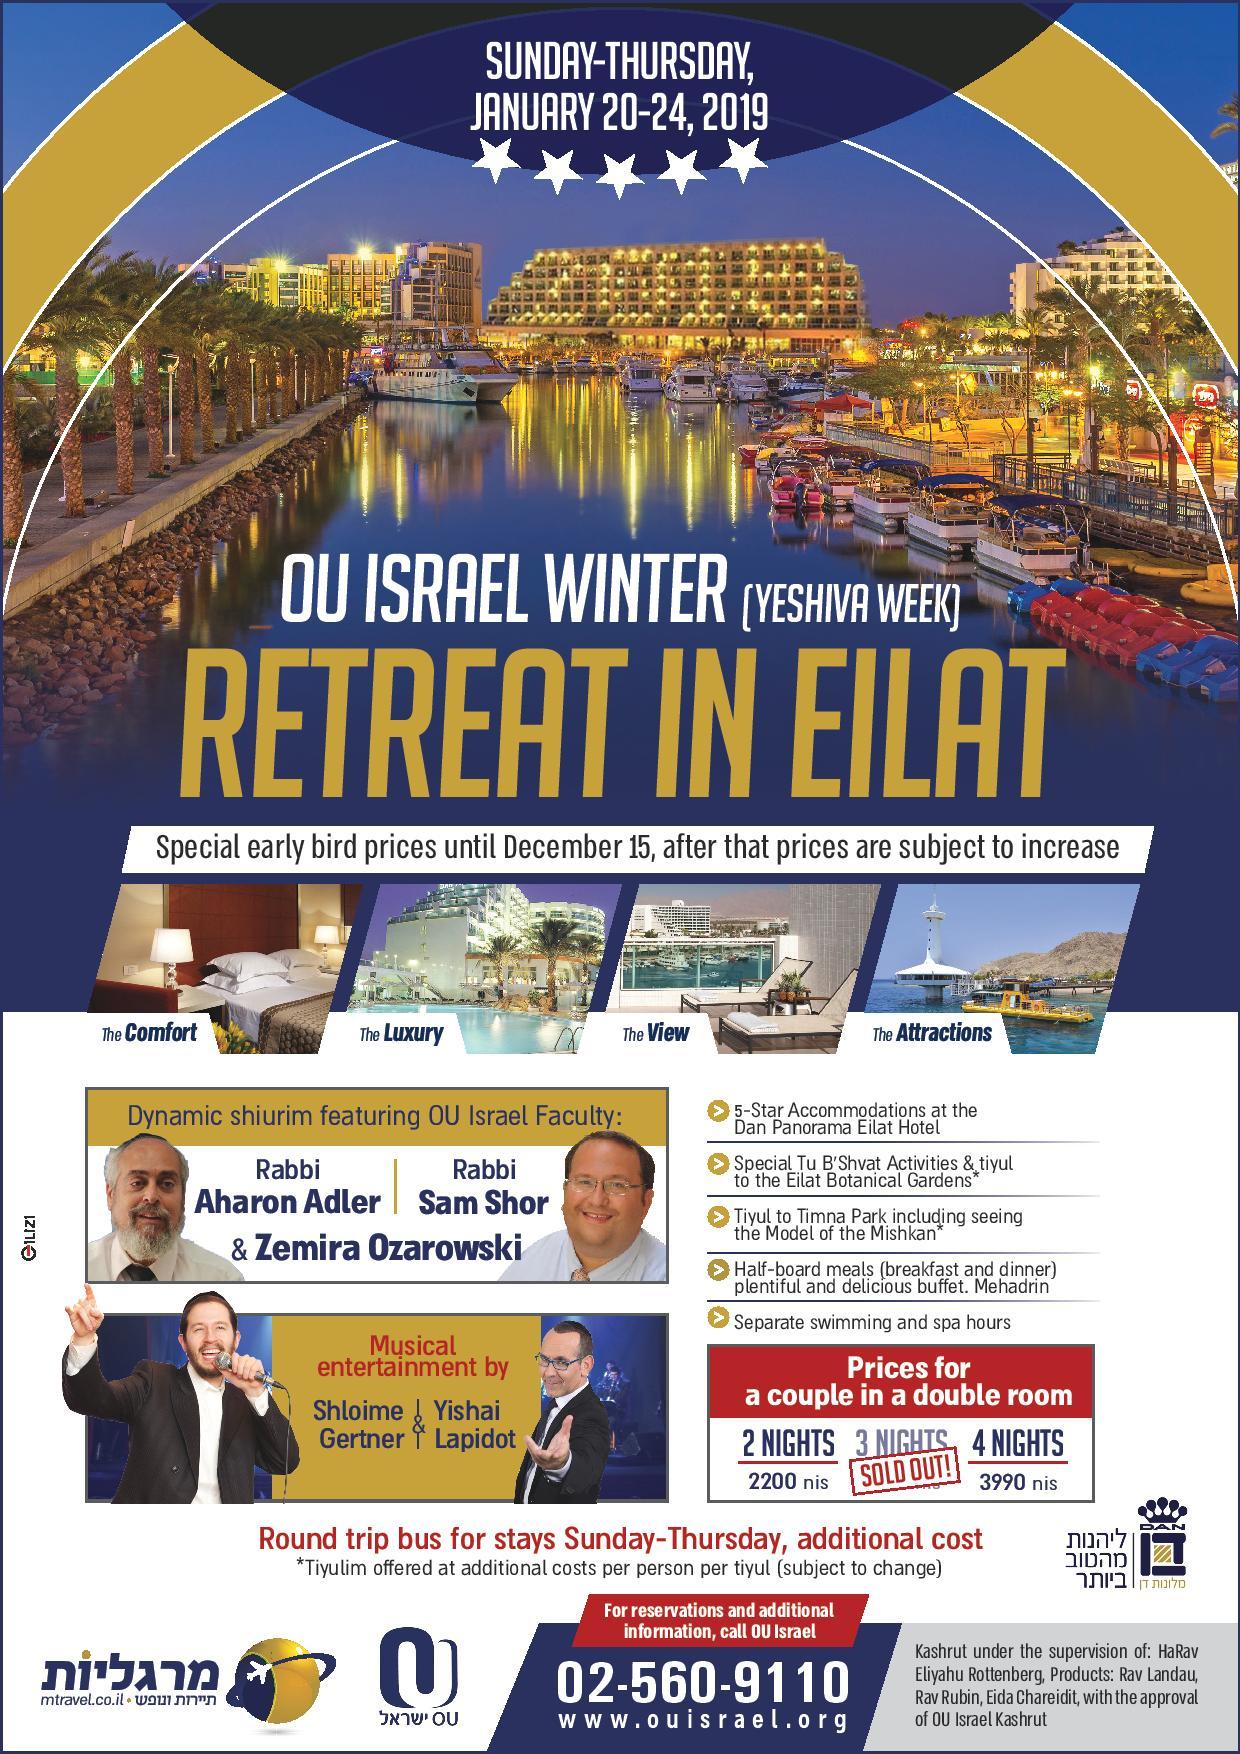 OU Israel Winter Retreat in Eilat